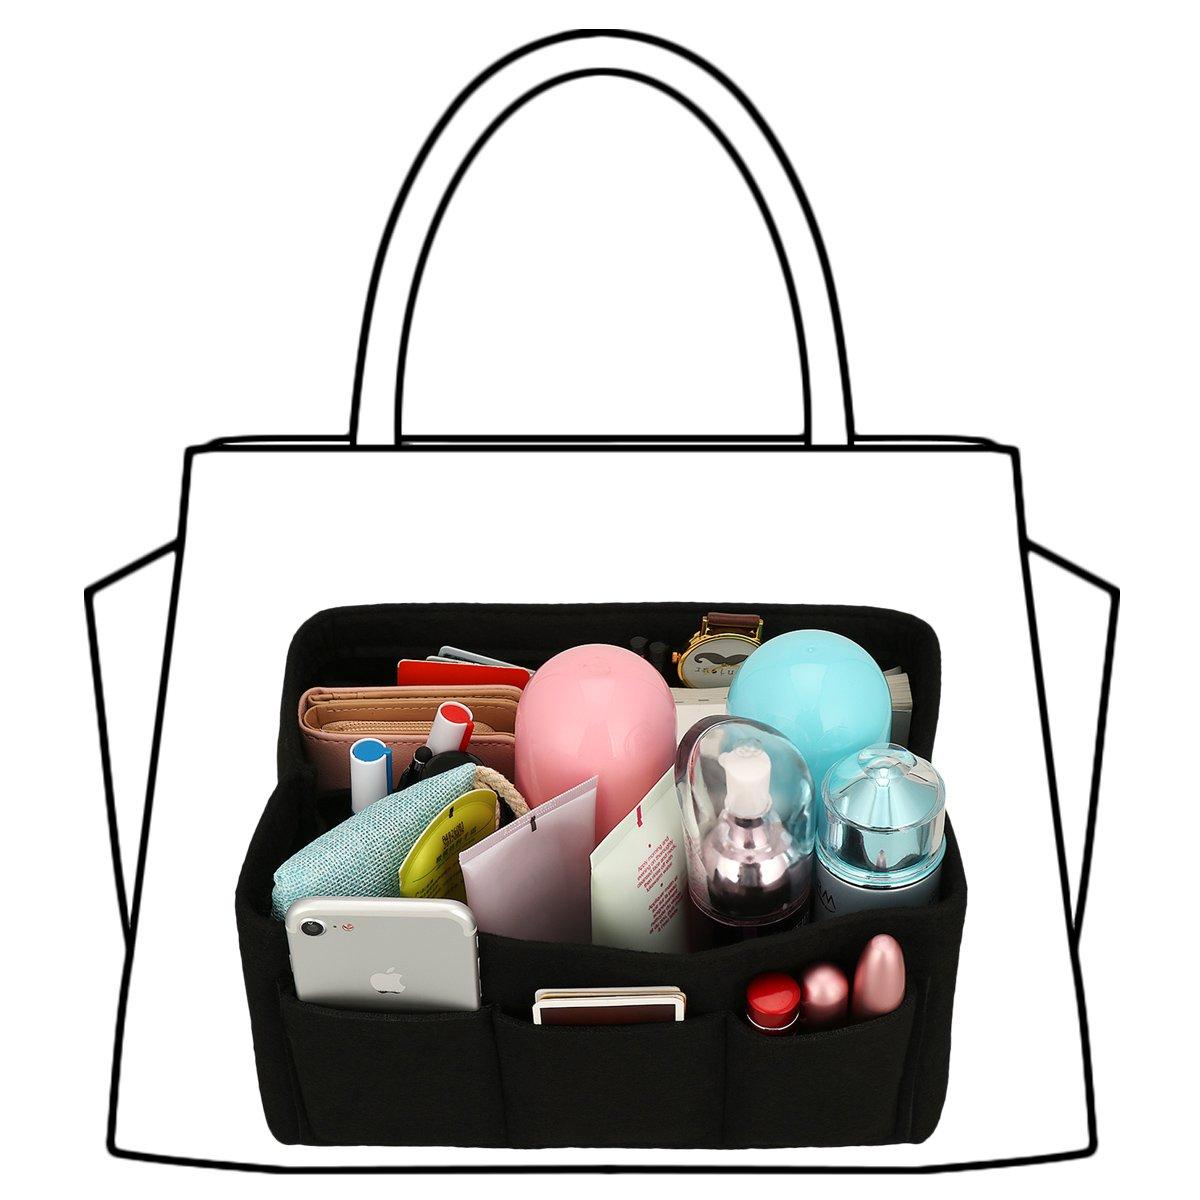 xhorizon SR Felt Insert Fabric Purse Organizer, Handbag Organizer, Multi Pocket Bag in Bag Organizer for Tote & Handbag Shaper, Multipocket Insert Bag